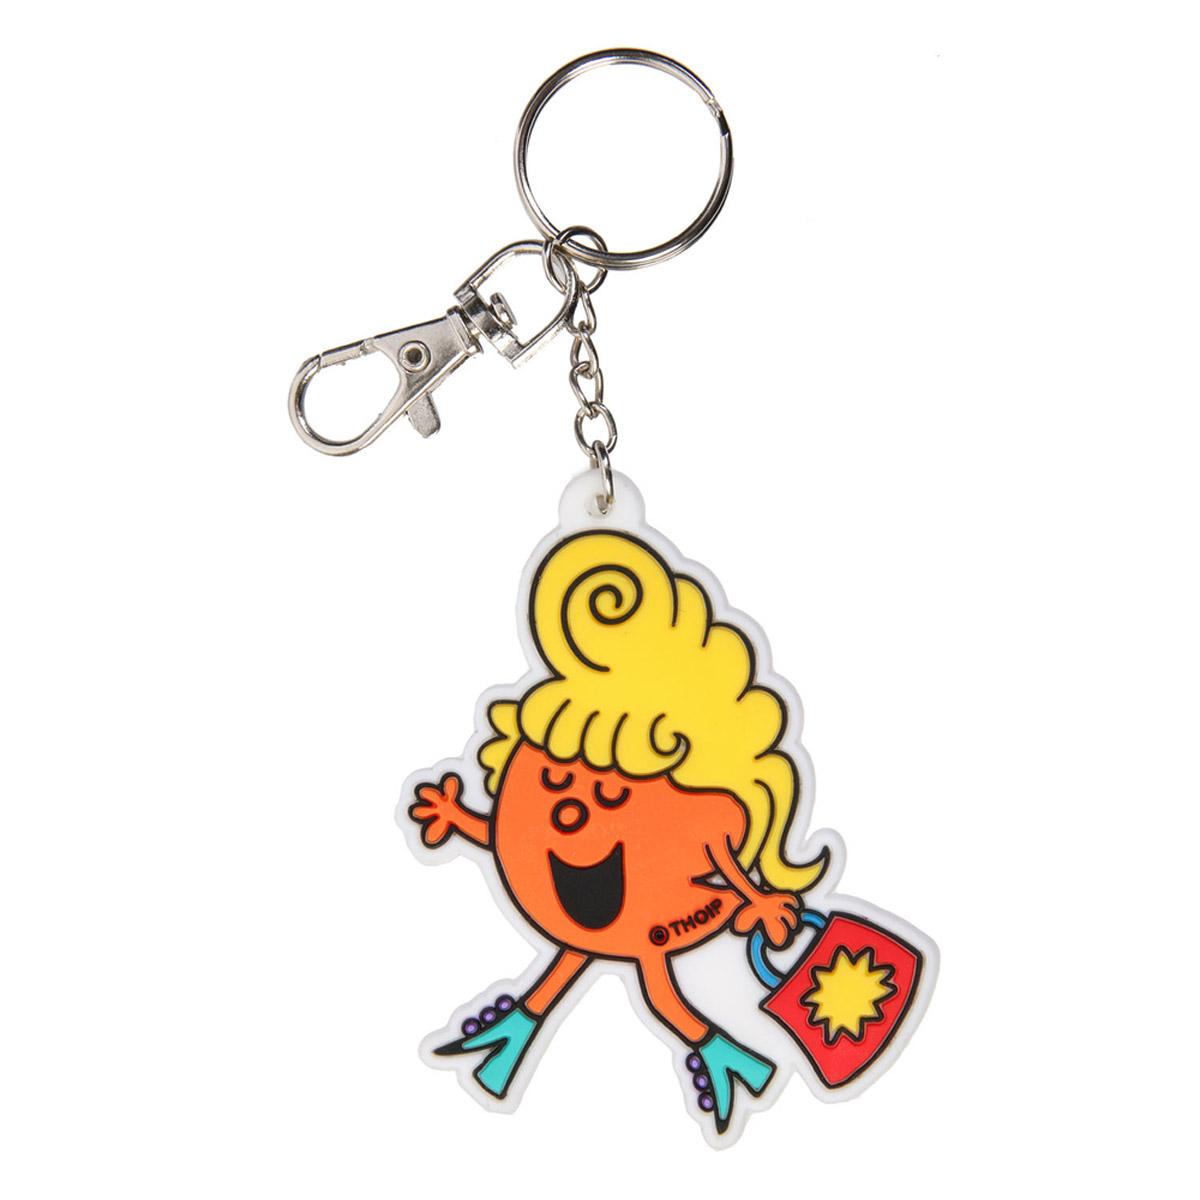 Porte-clés pvc \'Monsieur Madame\' orange - 60x60 mm - [R2467]